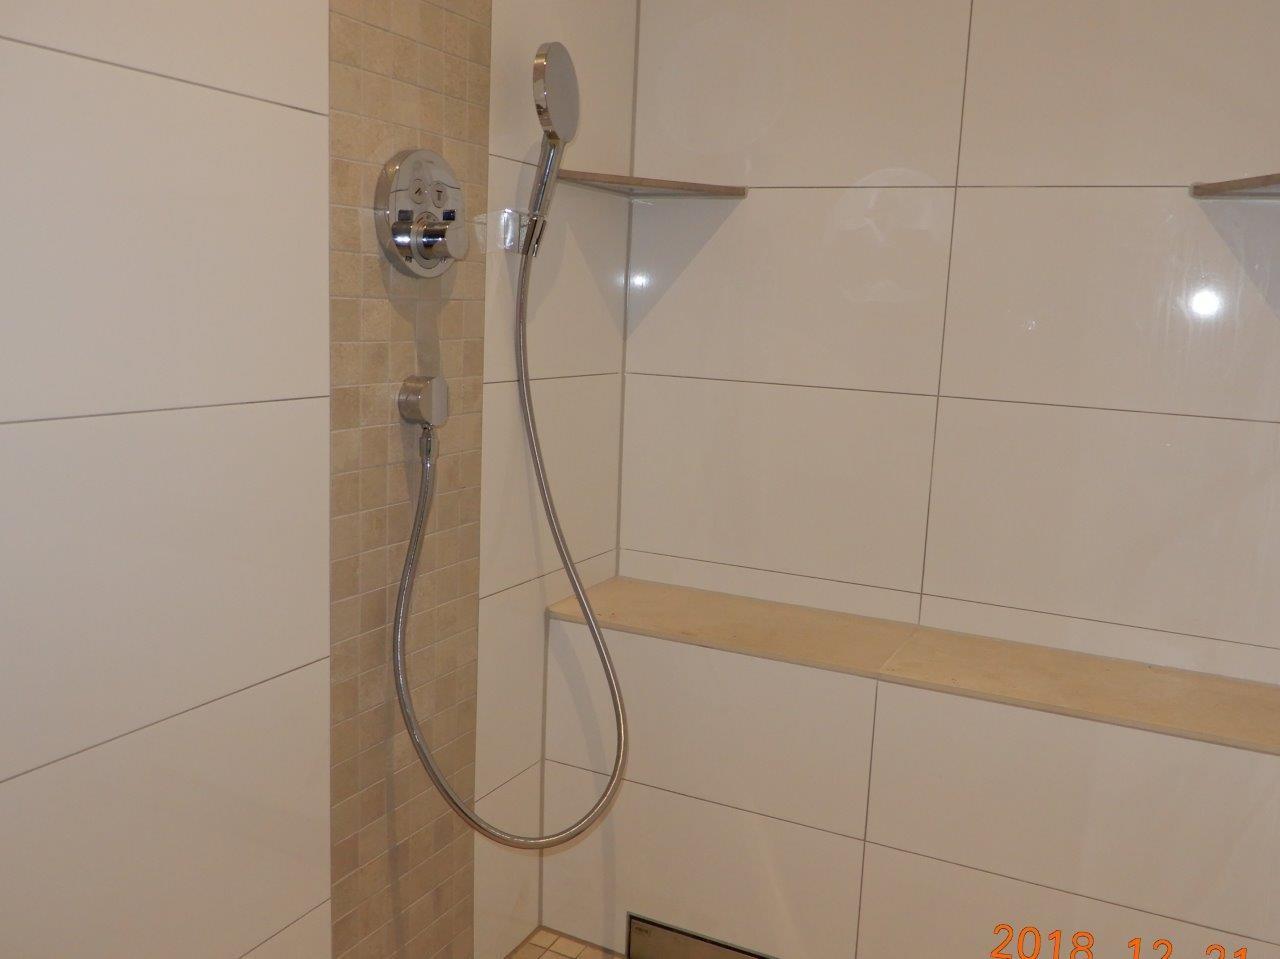 bodengleicher großer Dusche mit Sitzplatz